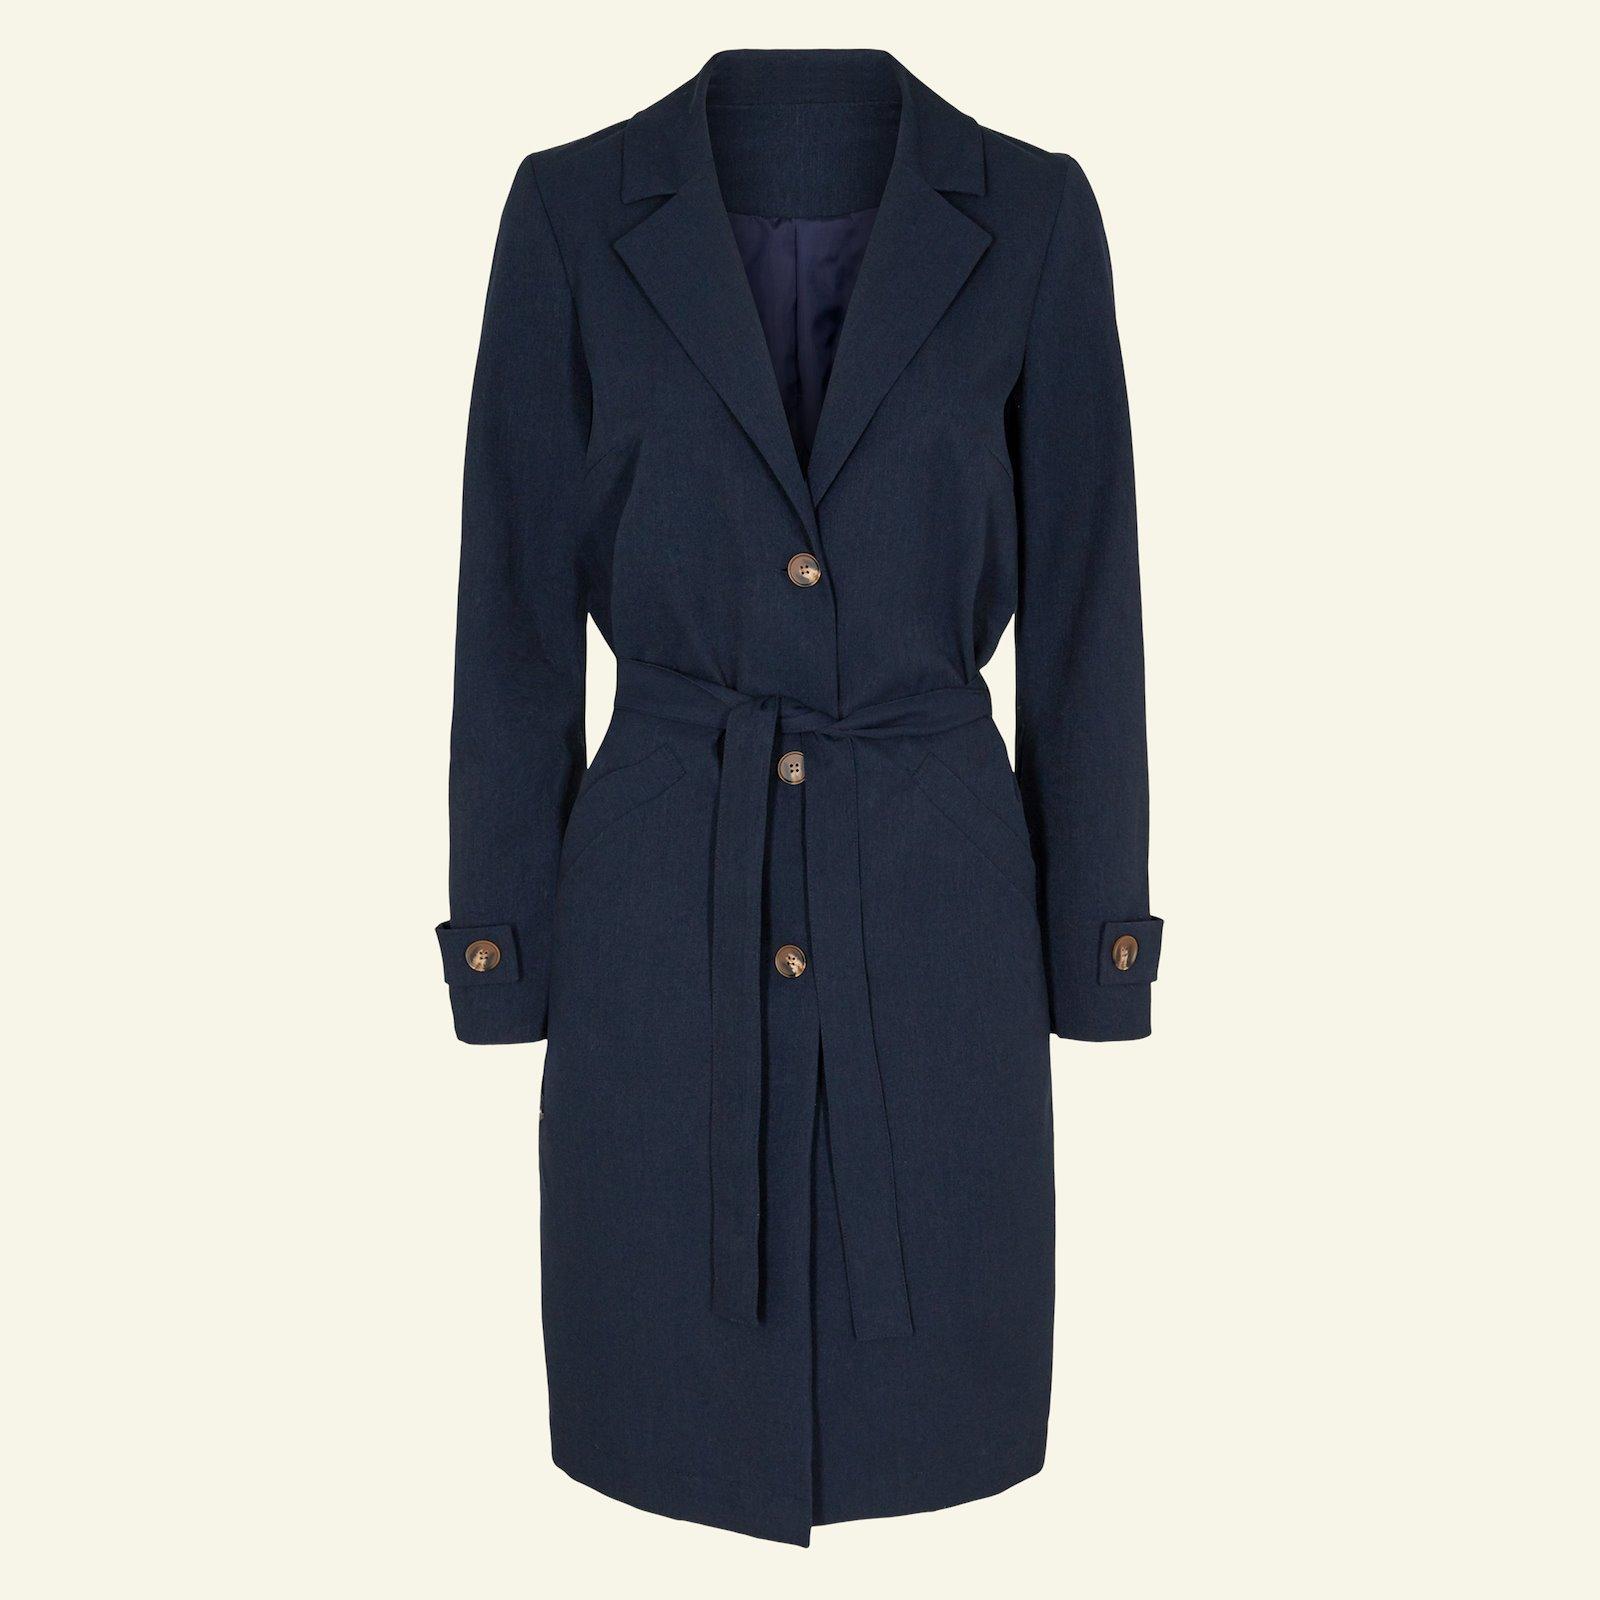 Long coat, 36/8 p24041_650747_40243_sskit